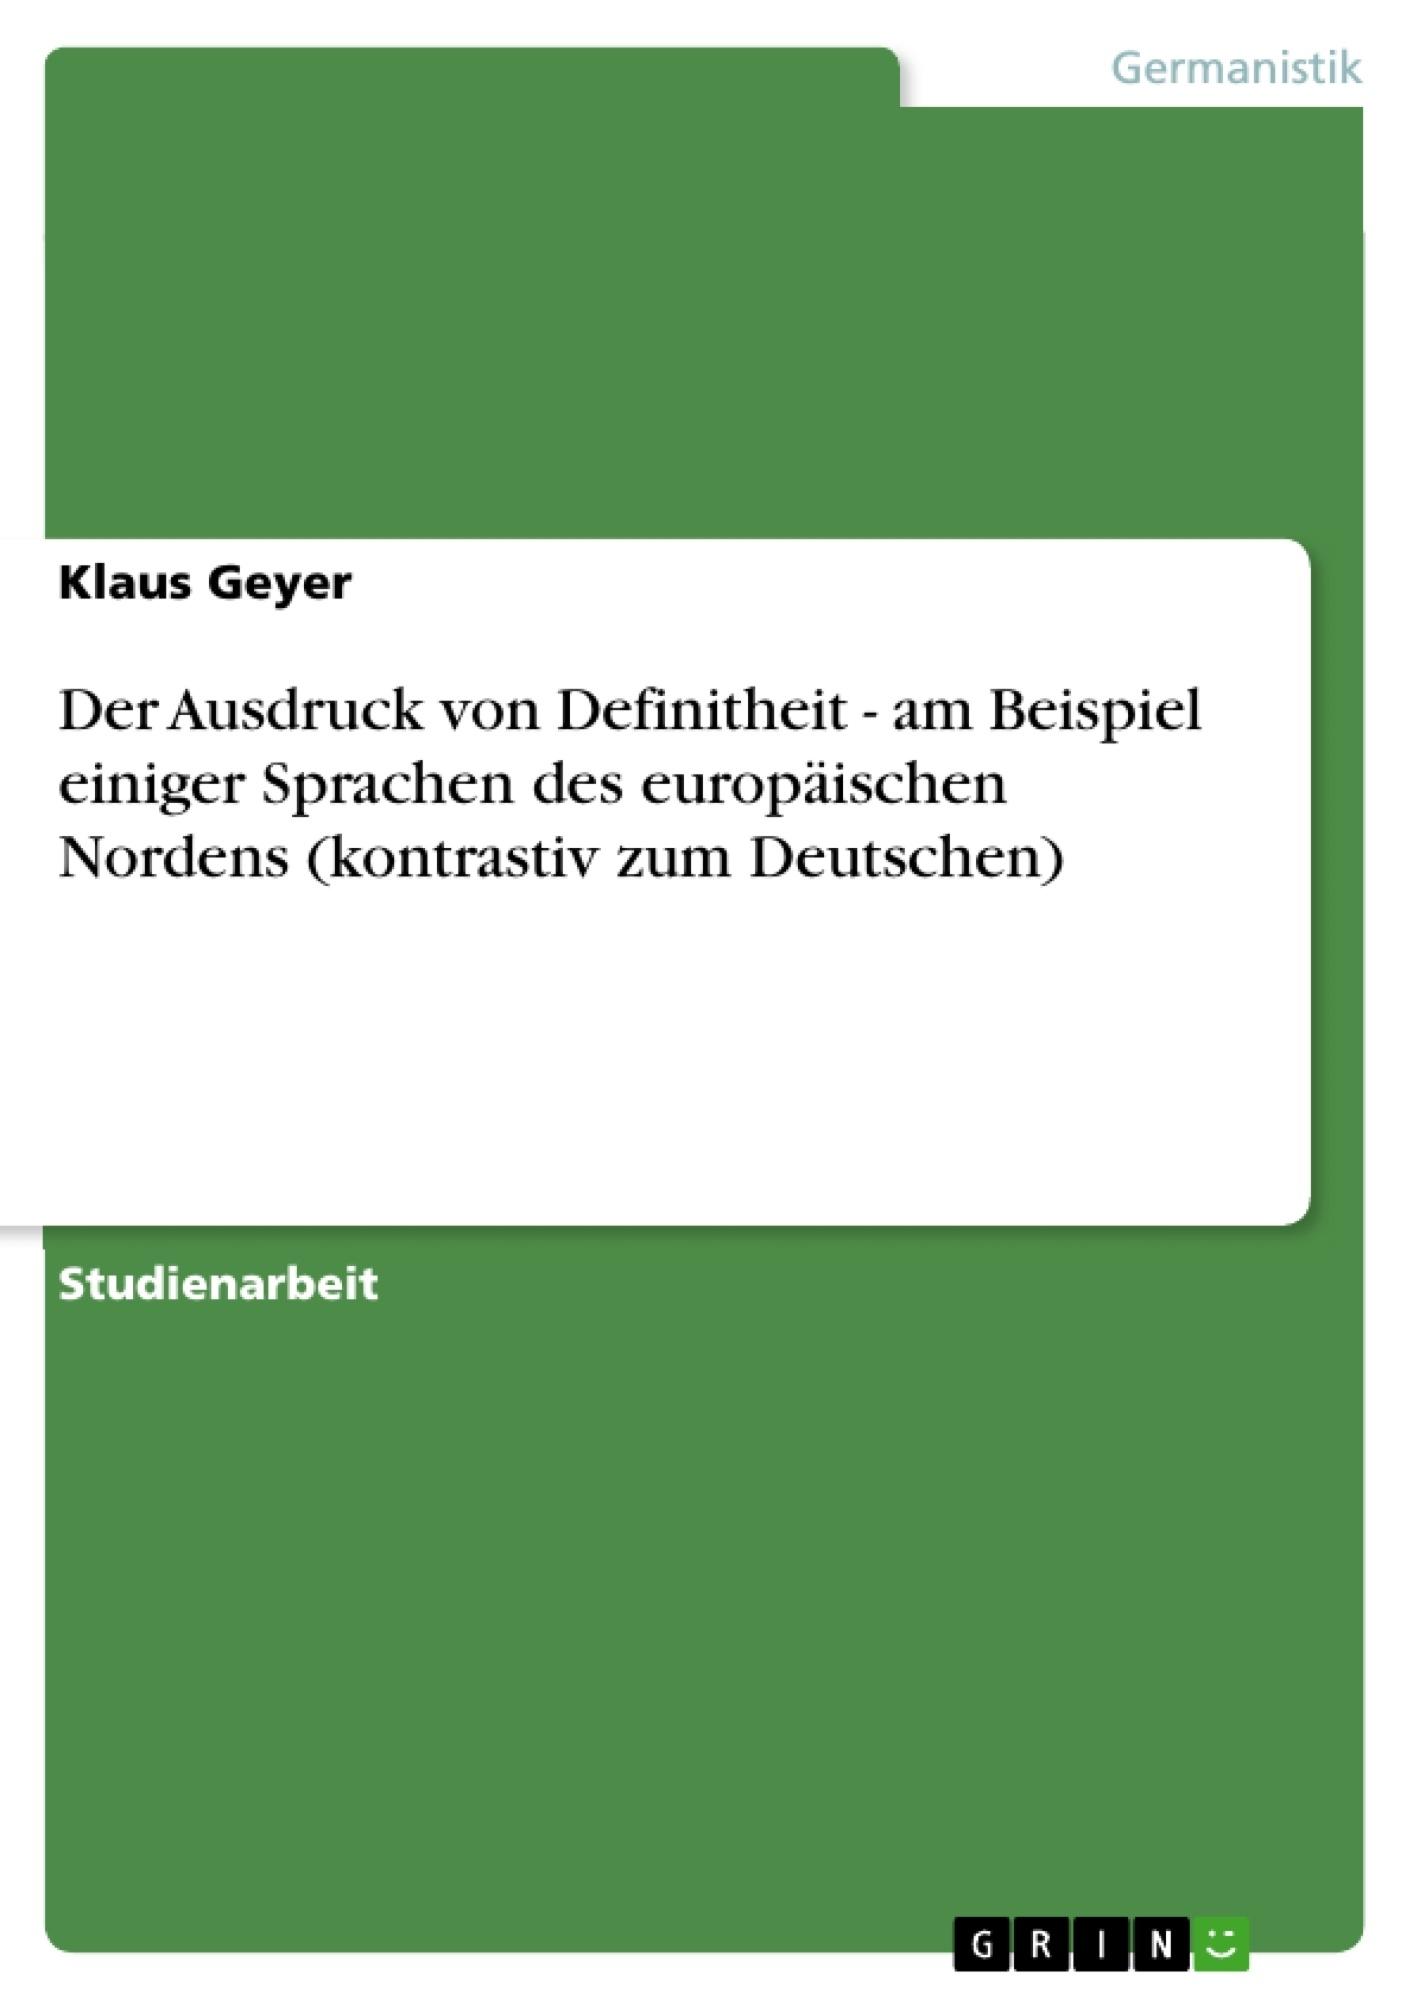 Titel: Der Ausdruck von Definitheit - am Beispiel einiger Sprachen des europäischen Nordens (kontrastiv zum Deutschen)